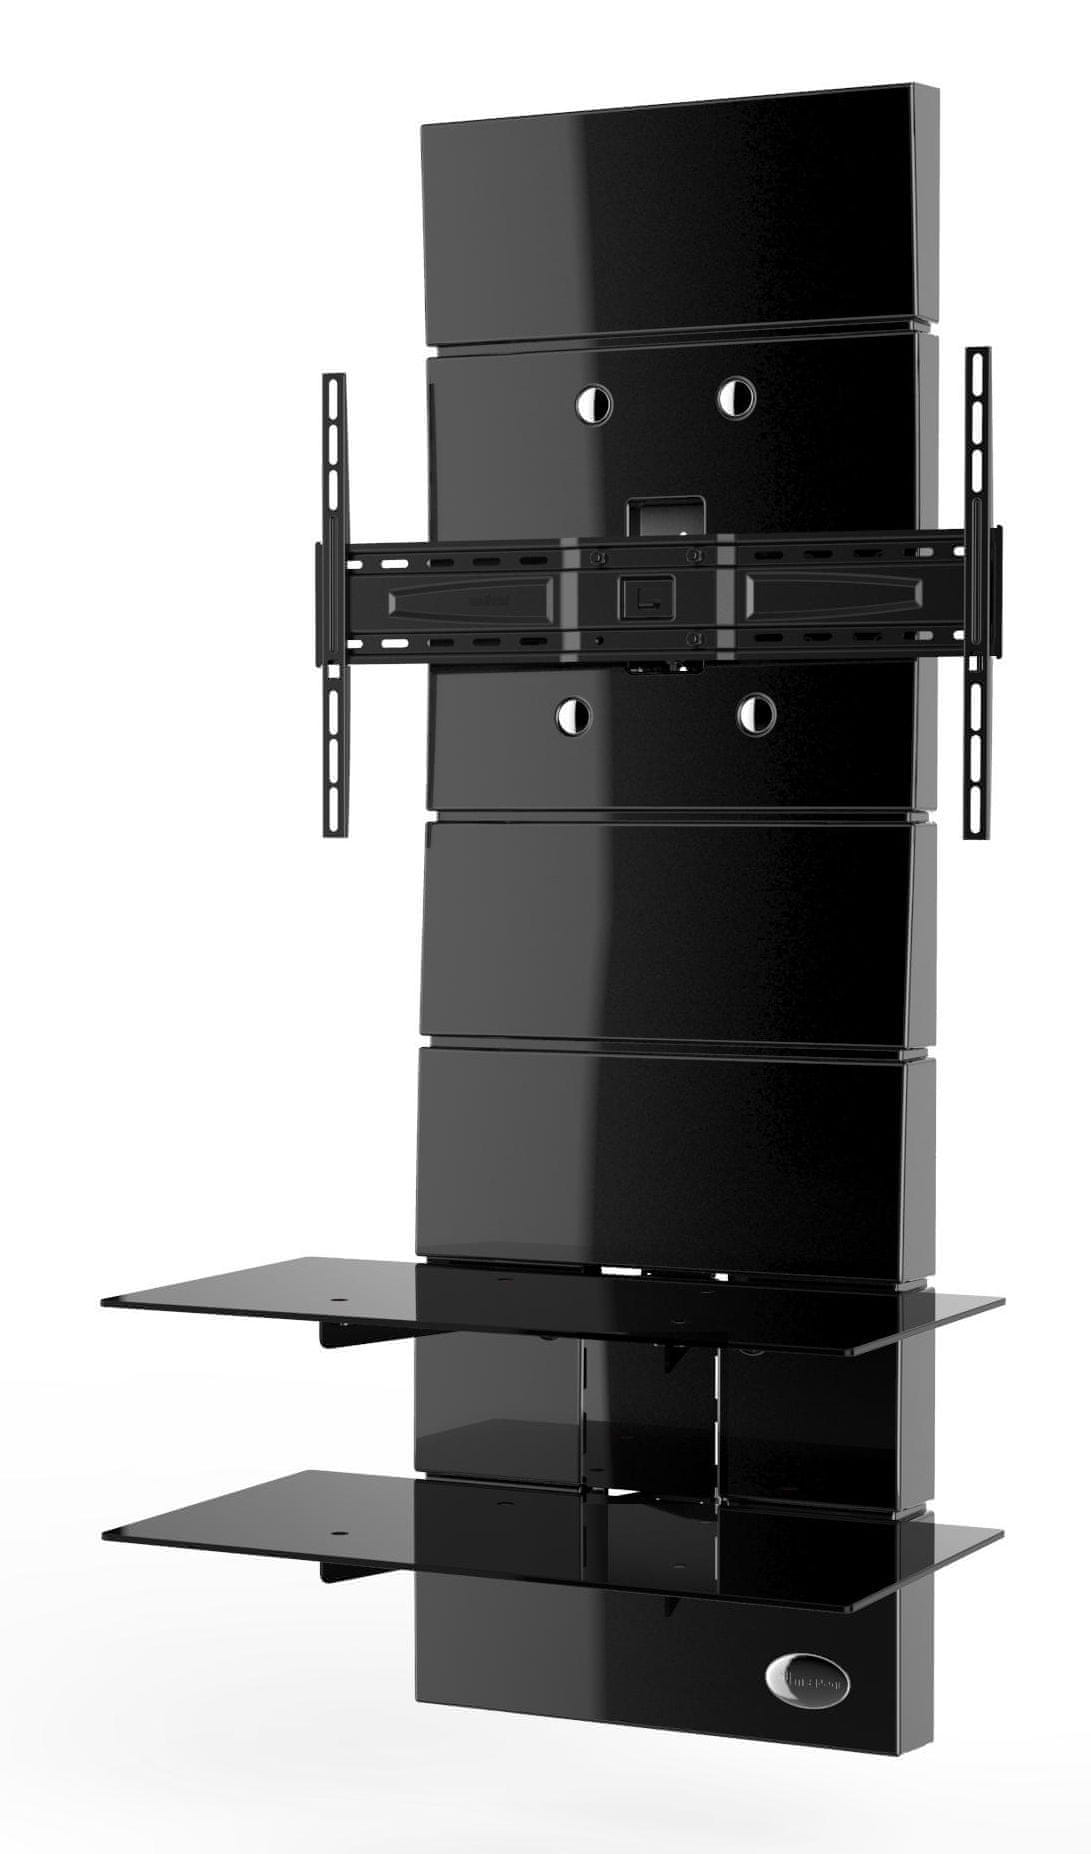 meliconi ghost design 3000 rg p. Black Bedroom Furniture Sets. Home Design Ideas